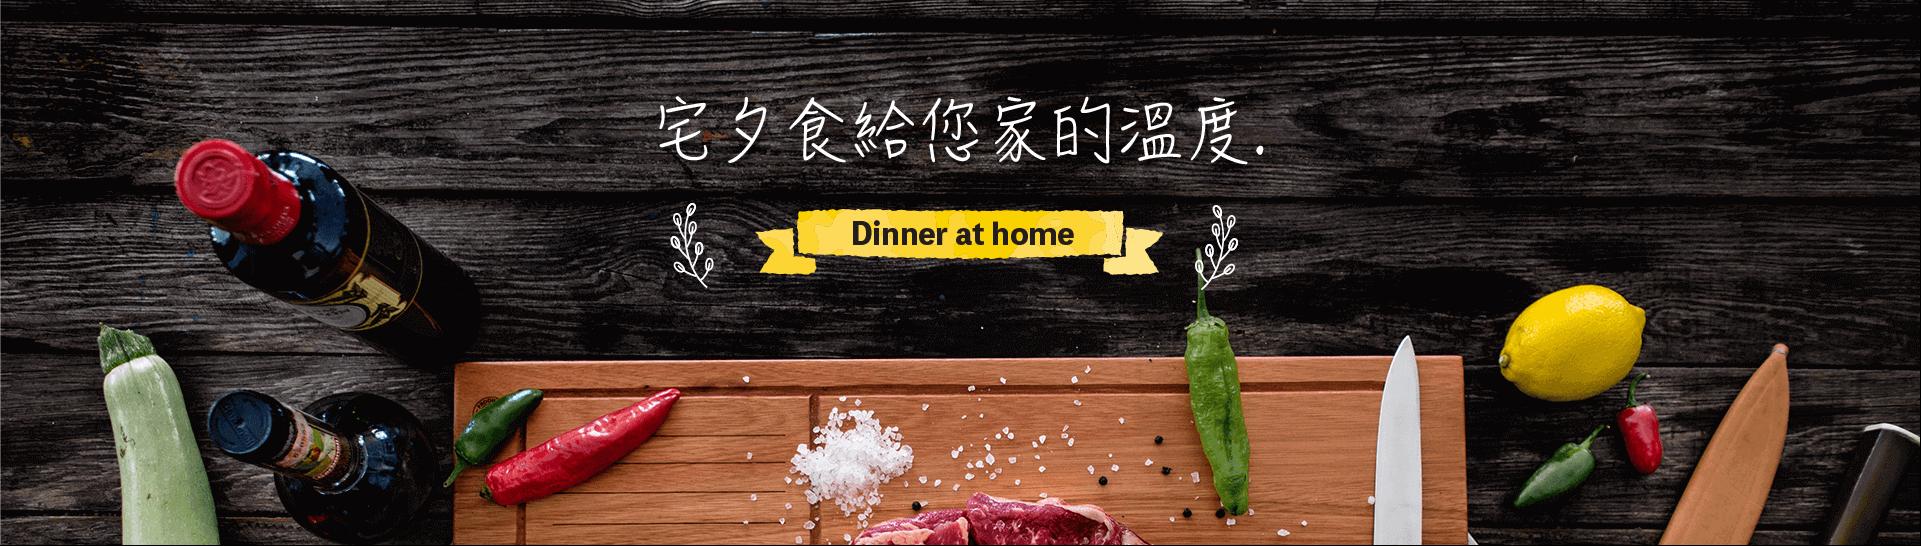 宅夕食給你家的溫度